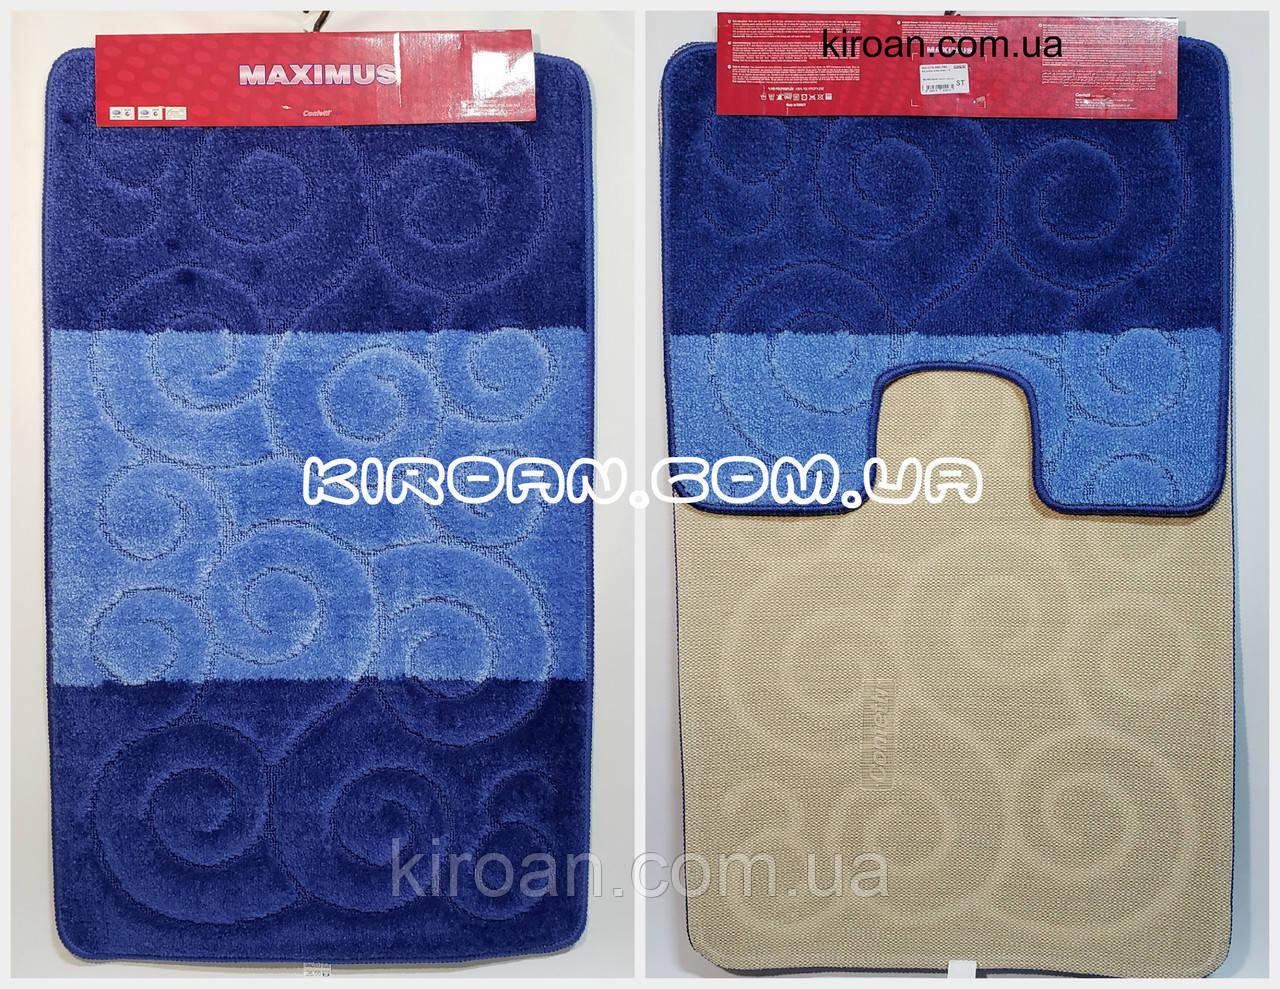 """Набор ковриков для ванной """"Maximus"""", производство Турция 100*60 см + 50*60 см (цвет синий)"""